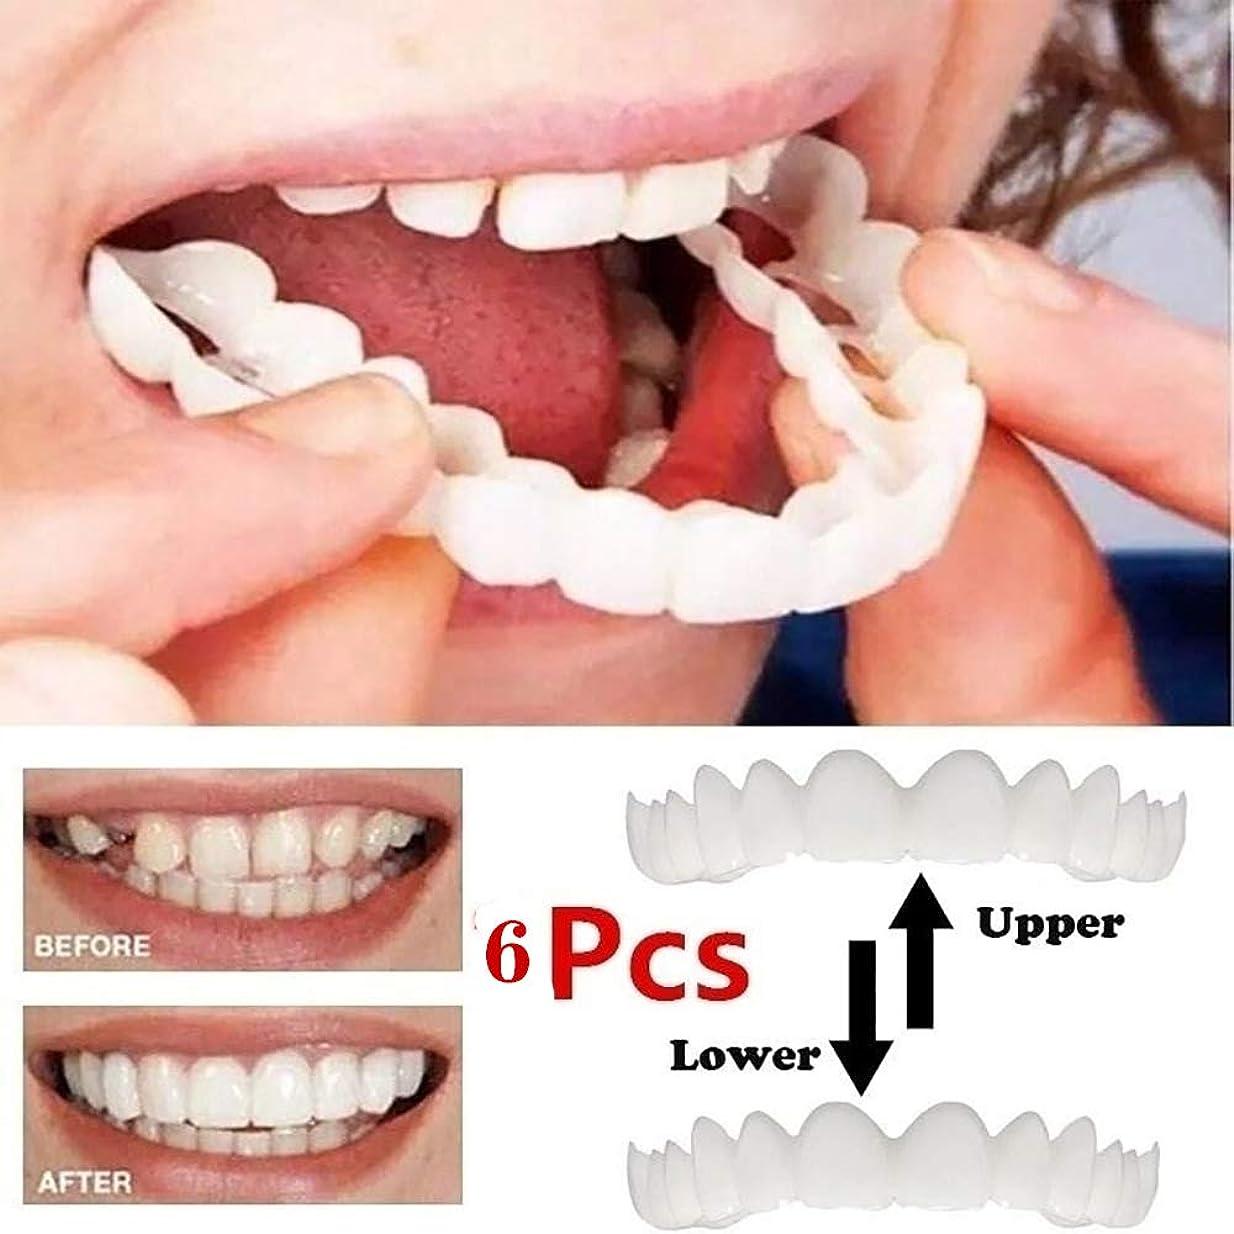 合理的秘密の考えた最新の突き板の歯、化粧品の歯3ペア - 一時的な笑顔の快適さフィットフレックス化粧品の歯、ワンサイズが最もフィット、快適なトップとボトムベニア - 歯突き板(ボトム+トップ)